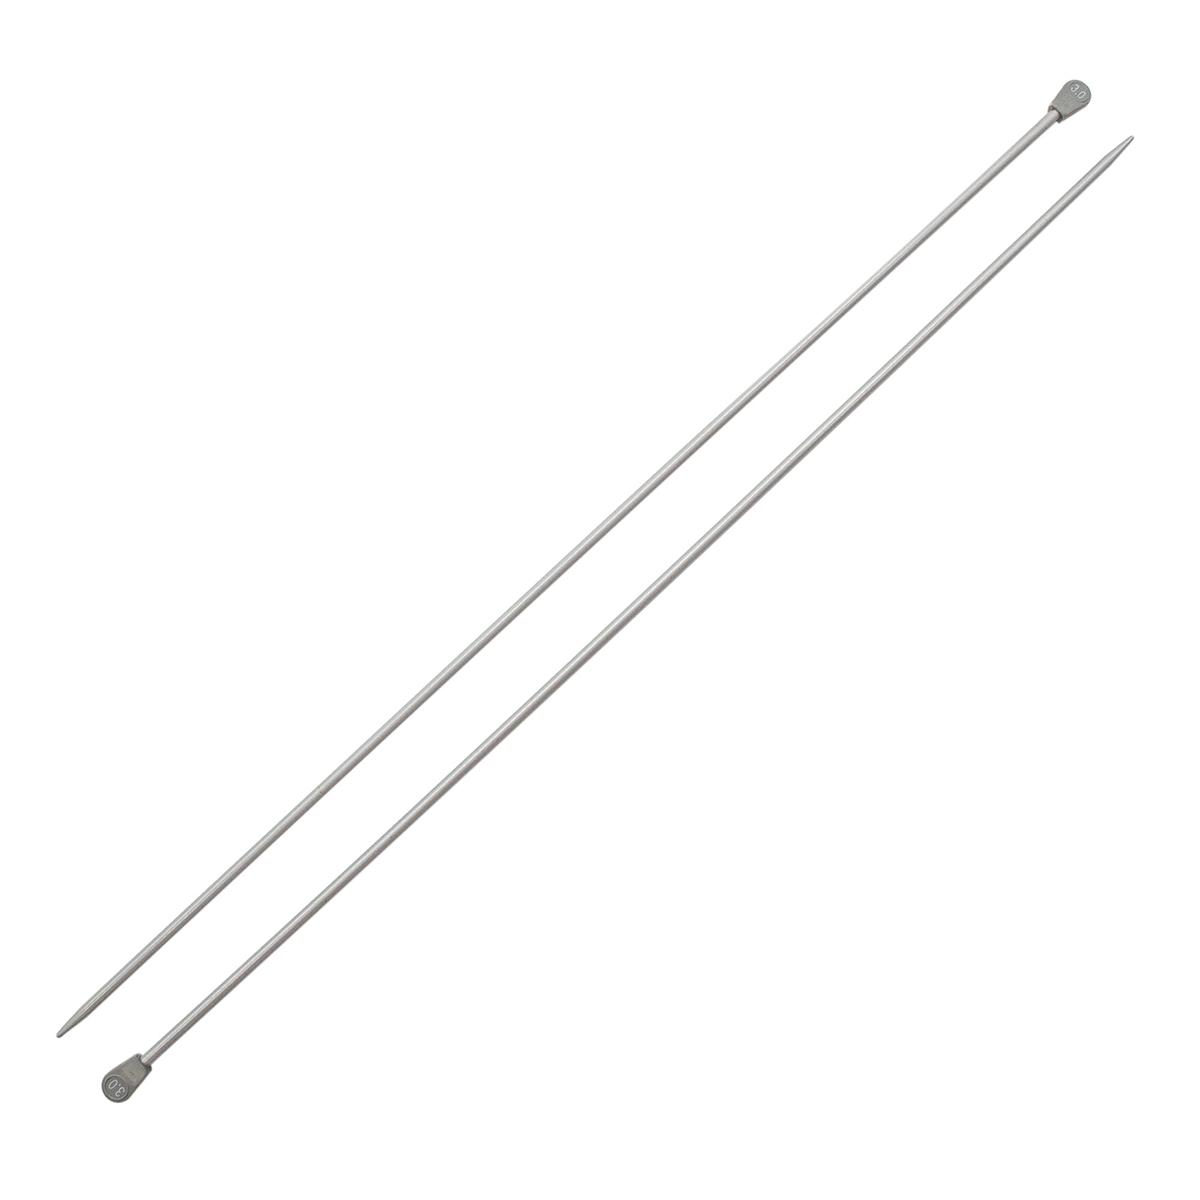 940230 Спицы прямые алюминиевые с покрытием 35см, 3,0мм Hobby&Pro